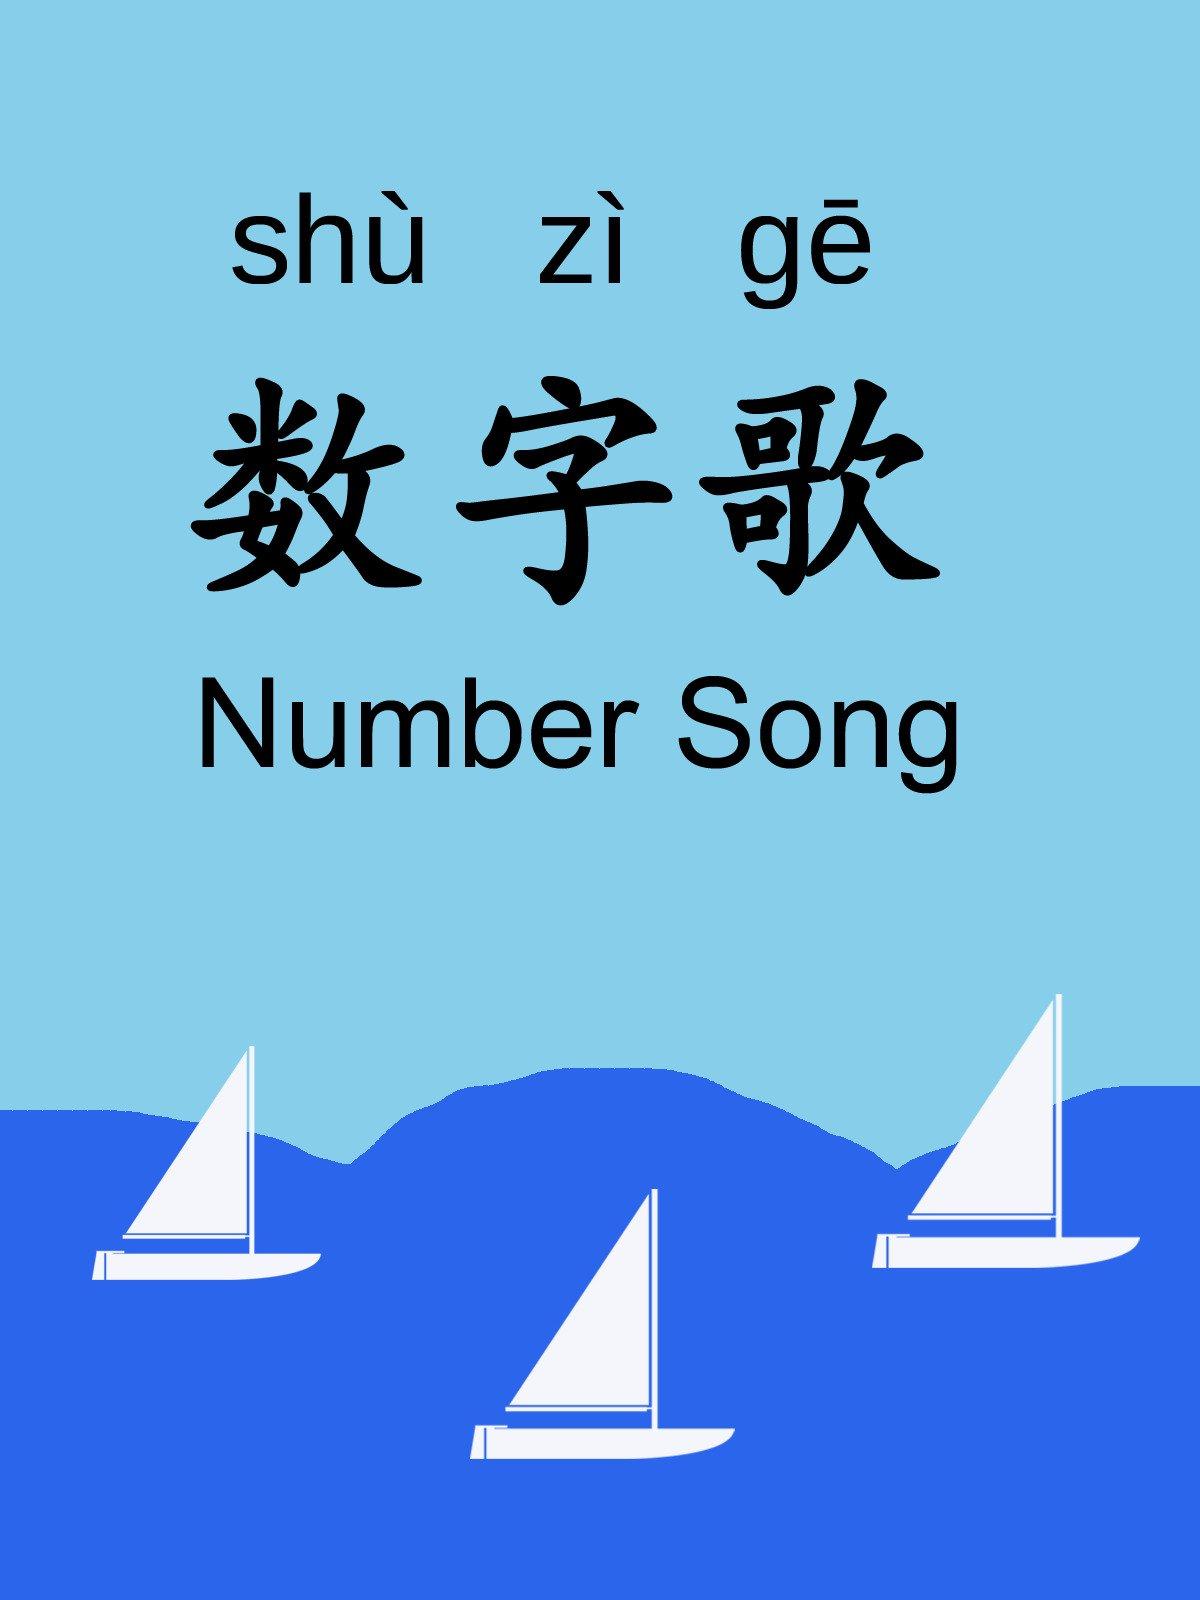 数字歌 Number Song